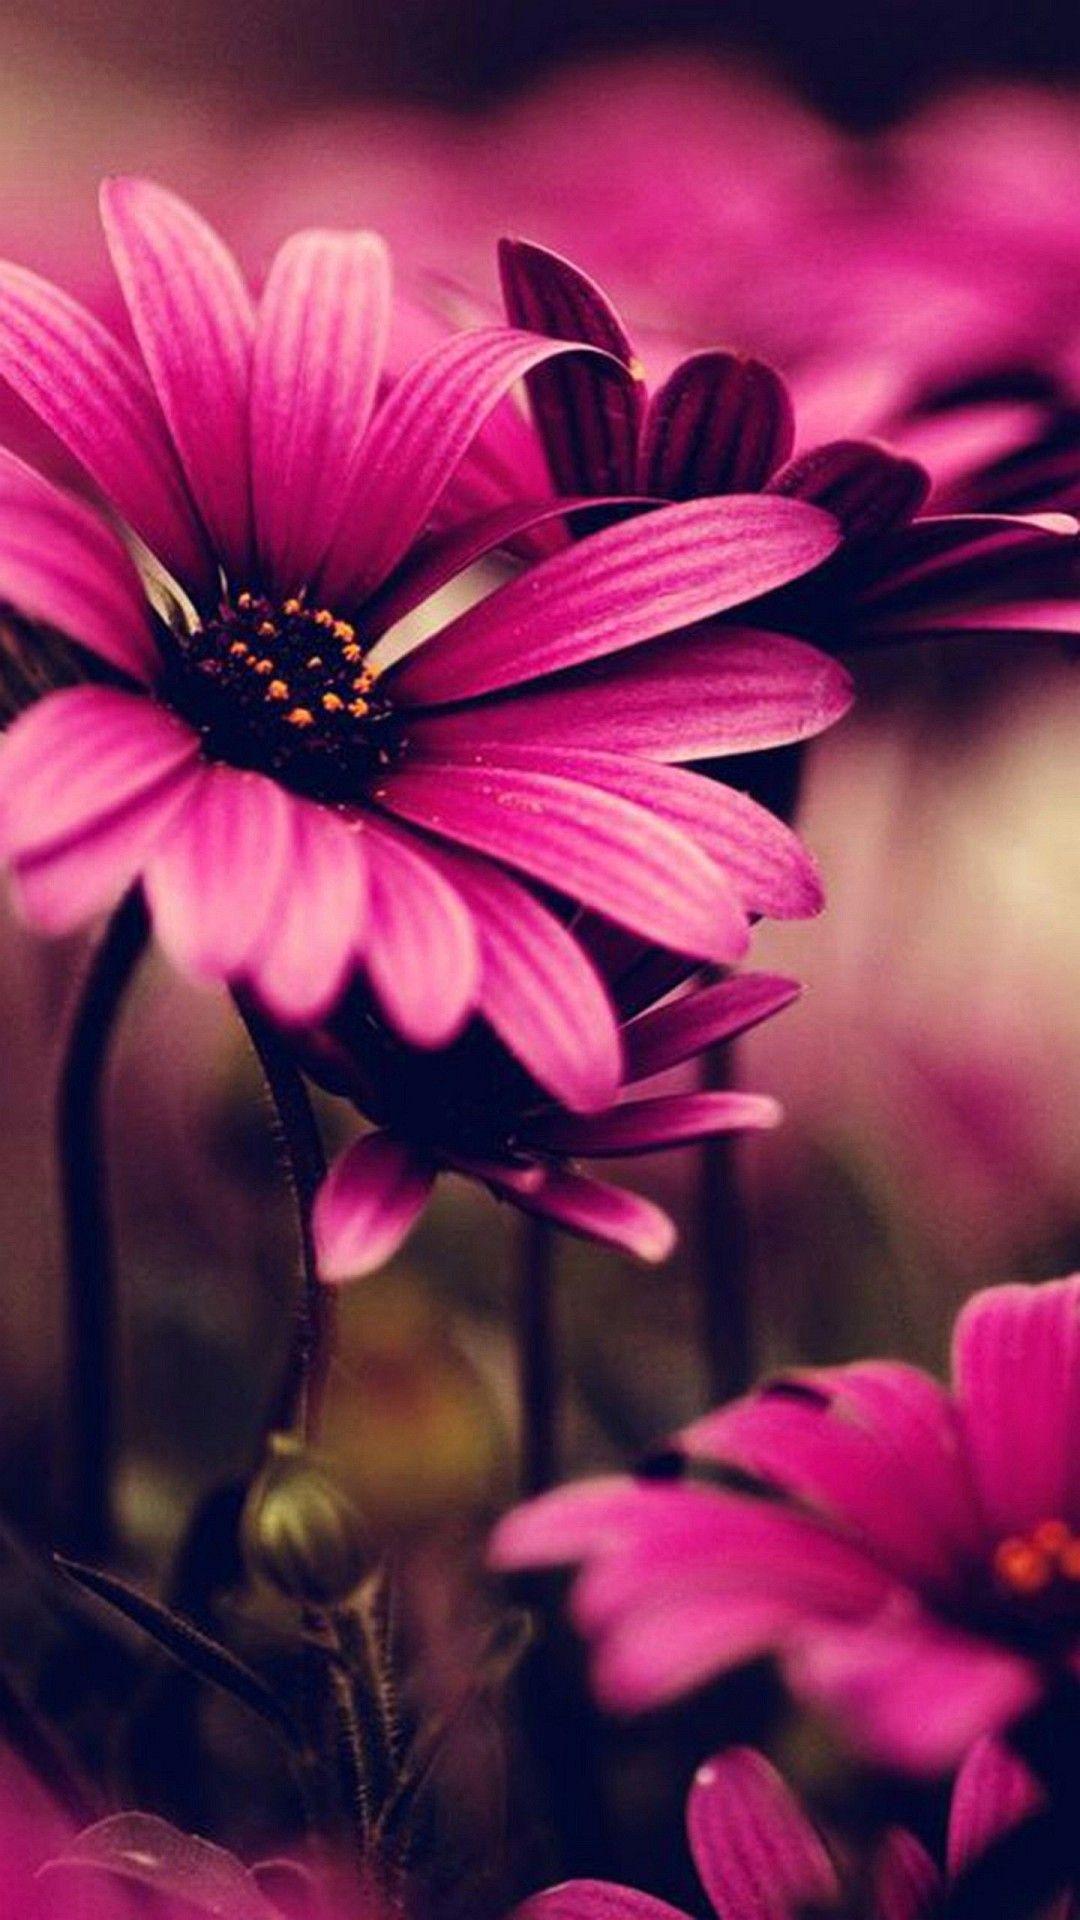 iphone 21 official flower wallpaper 92121212219789.jpg 21×21 ...